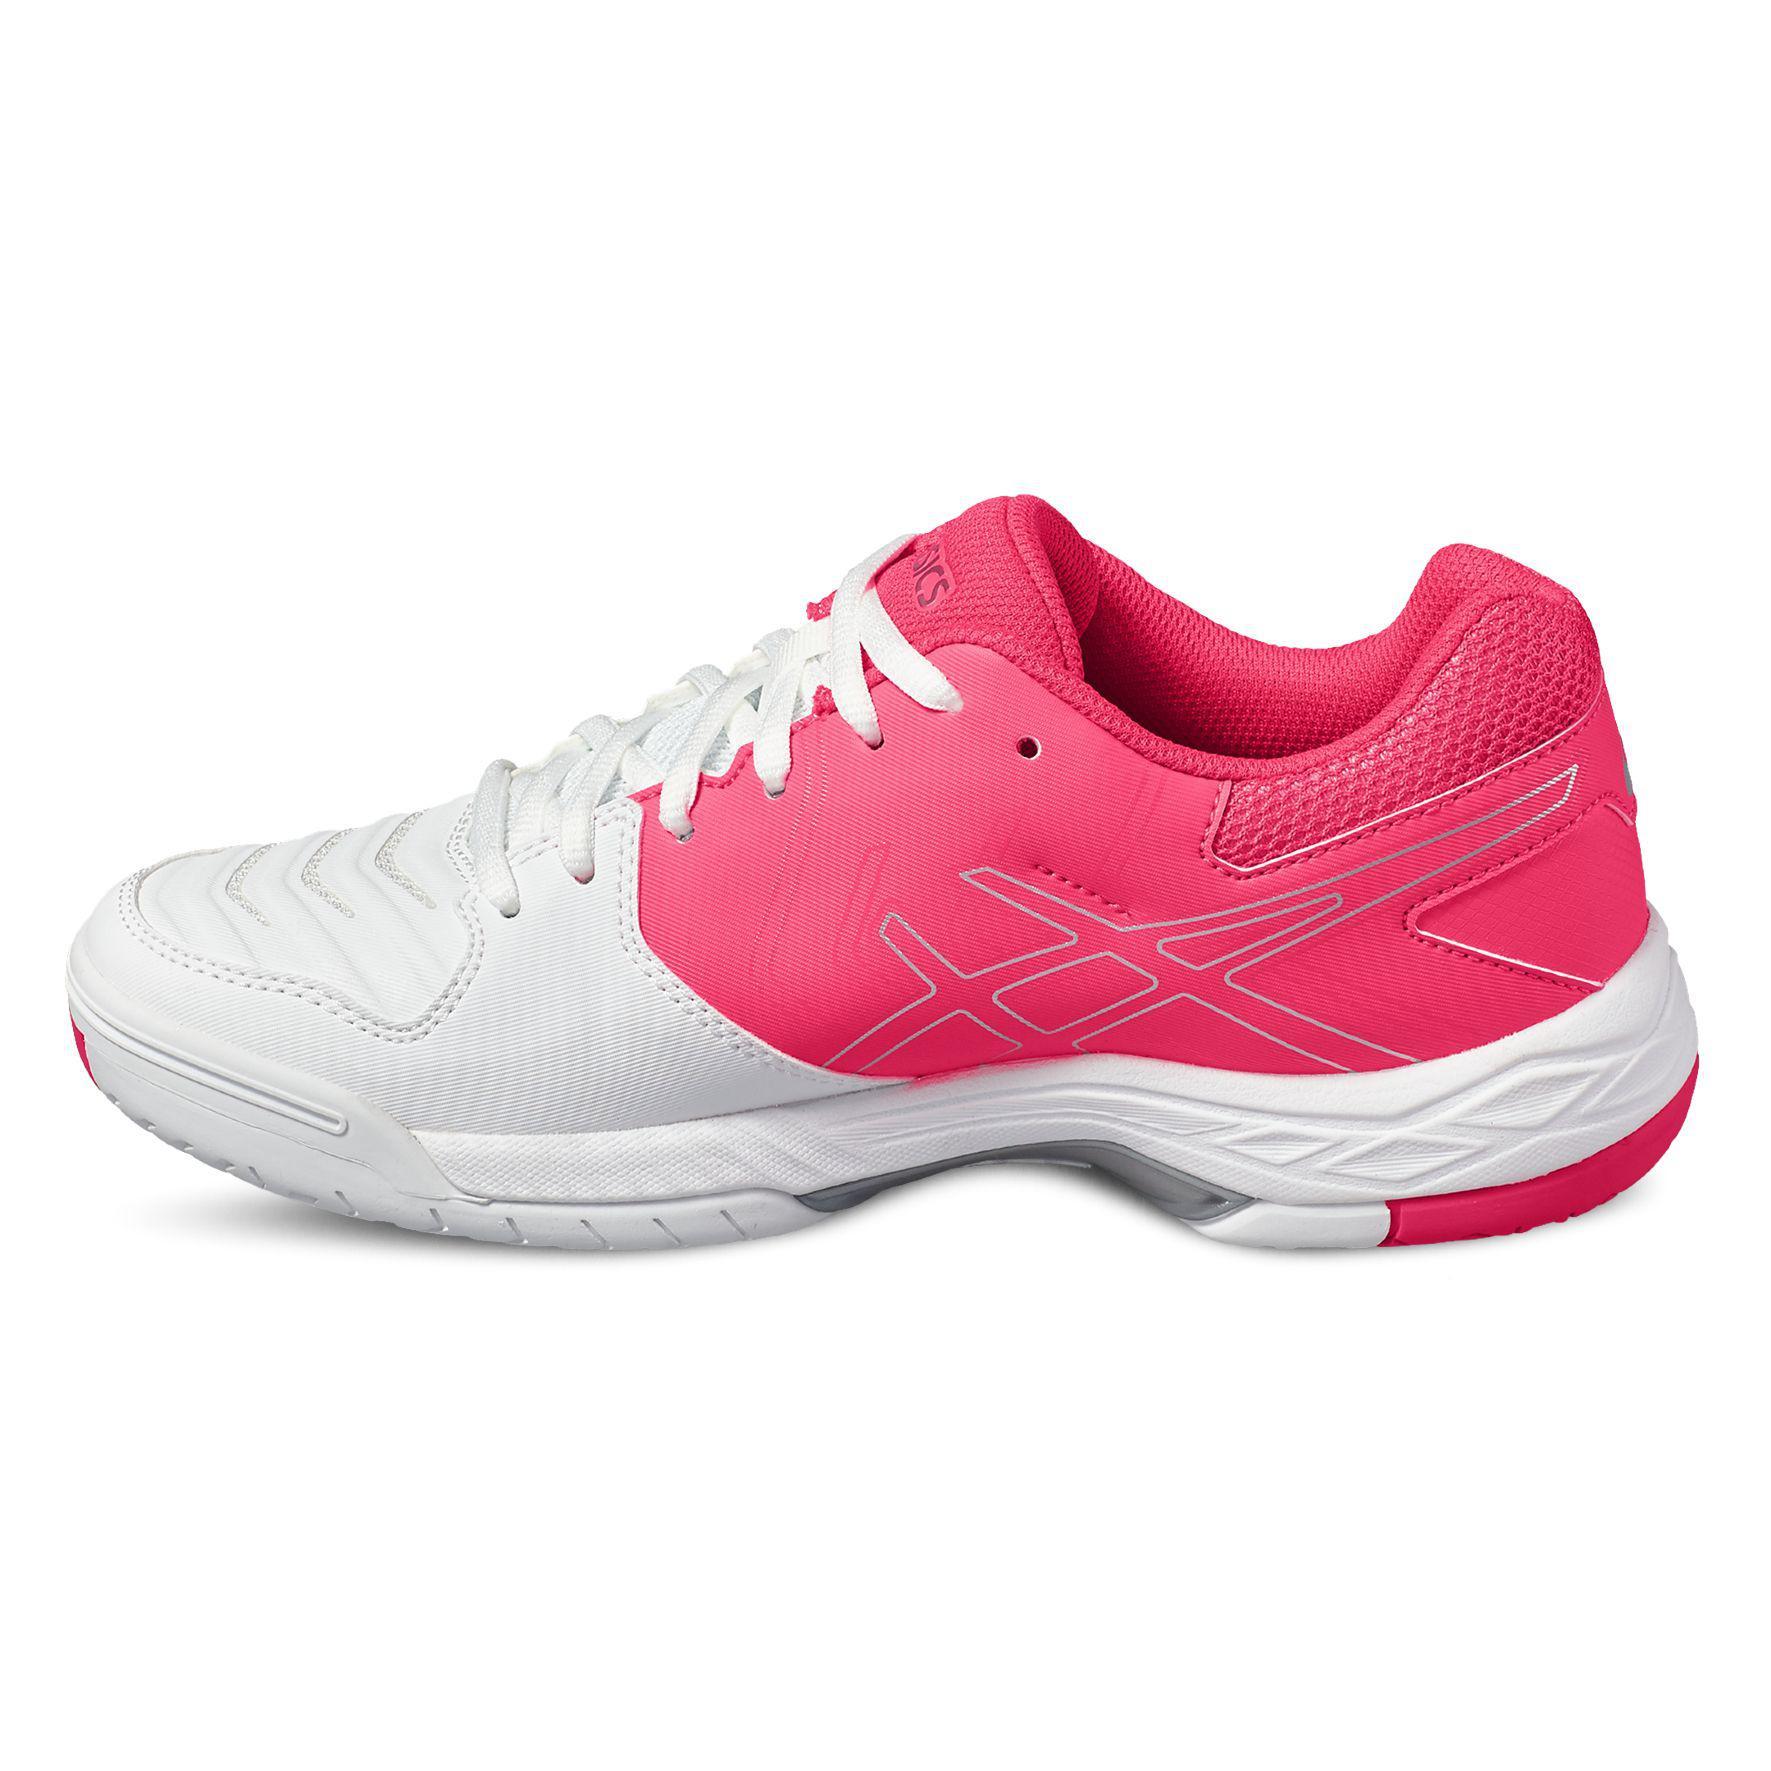 0b4b5a530e119 Asics Womens GEL-GAME 6 Tennis Shoe - Just Rackets